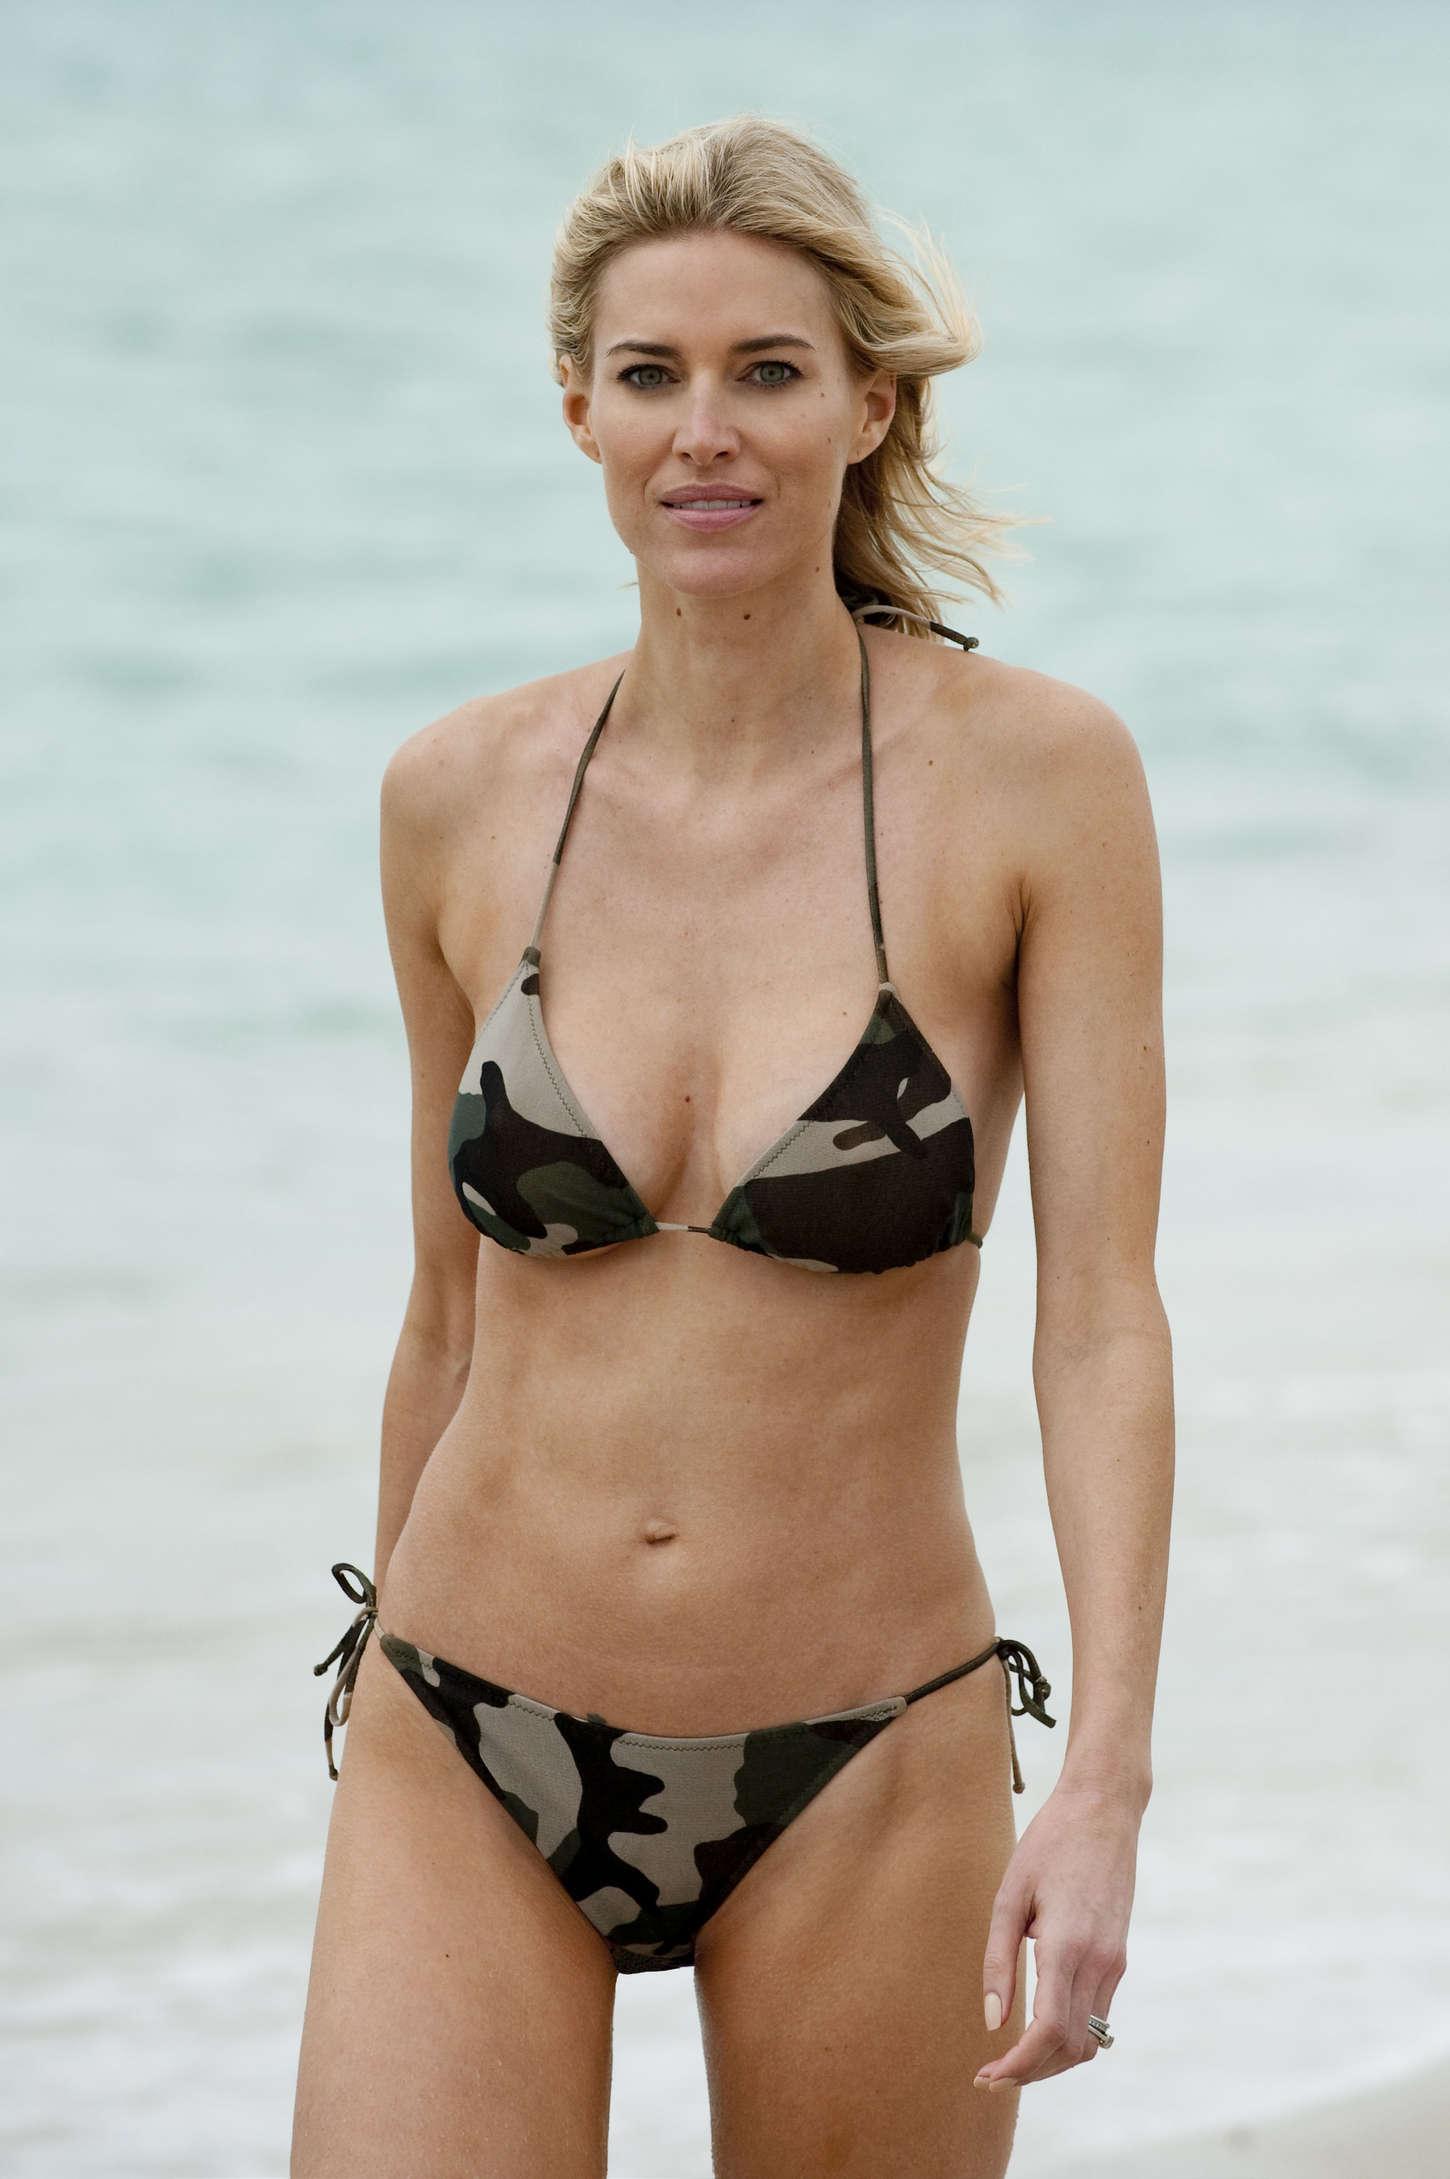 Helene fischer bikini fotos